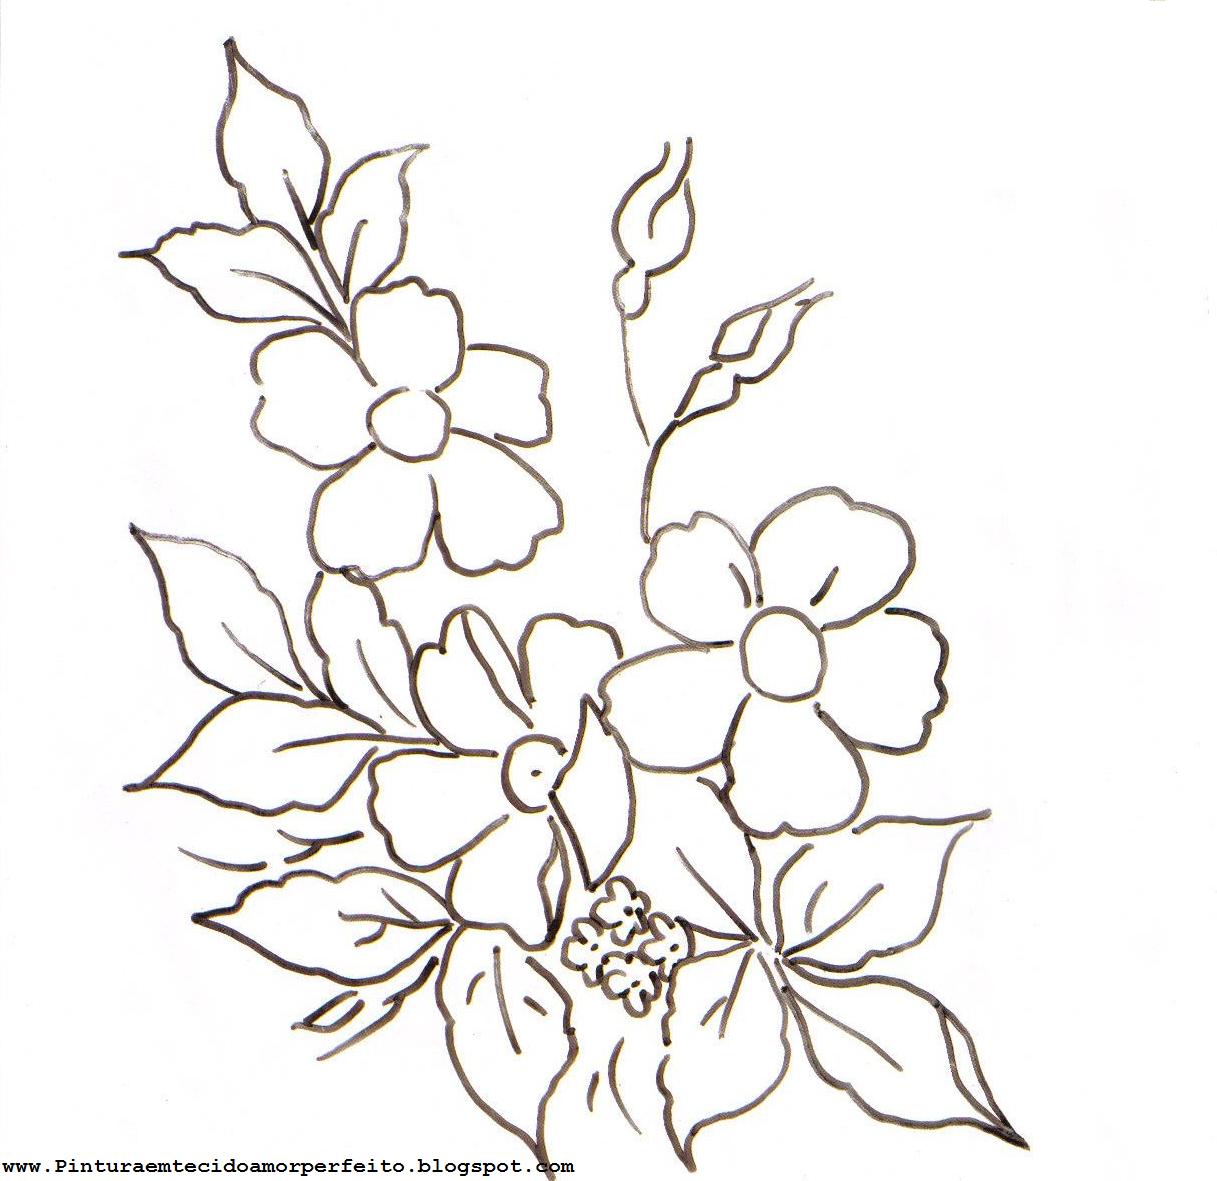 riscos de flores para pintura em tecido para ver maior clique na